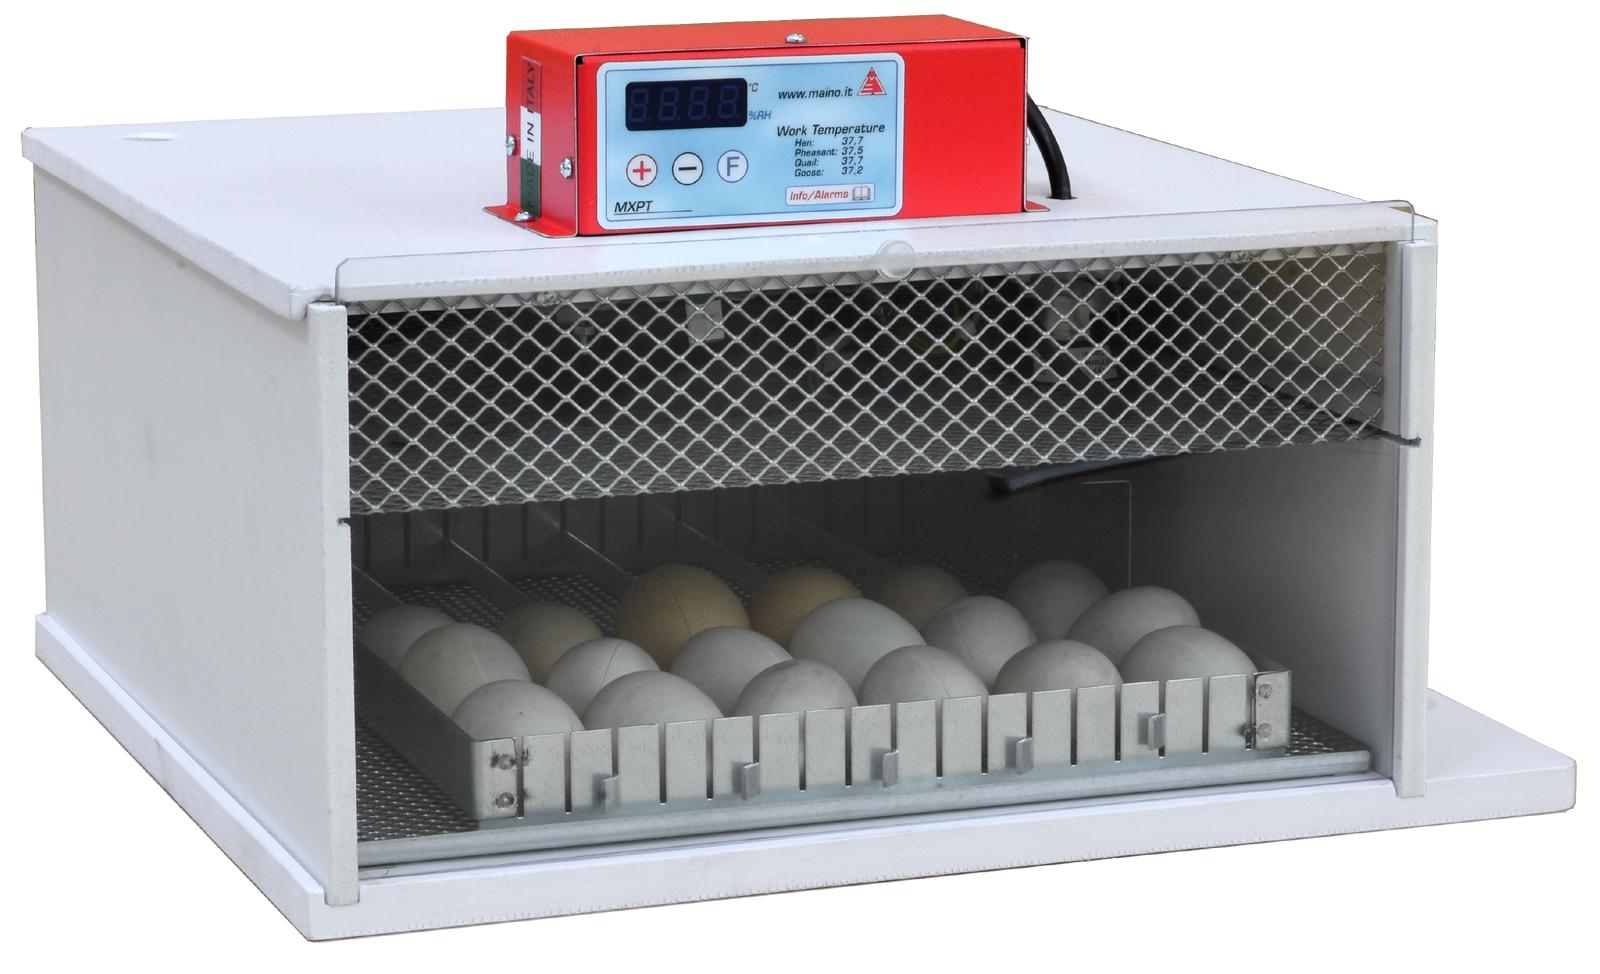 Broedmachine PIOPIO 36 W-DU